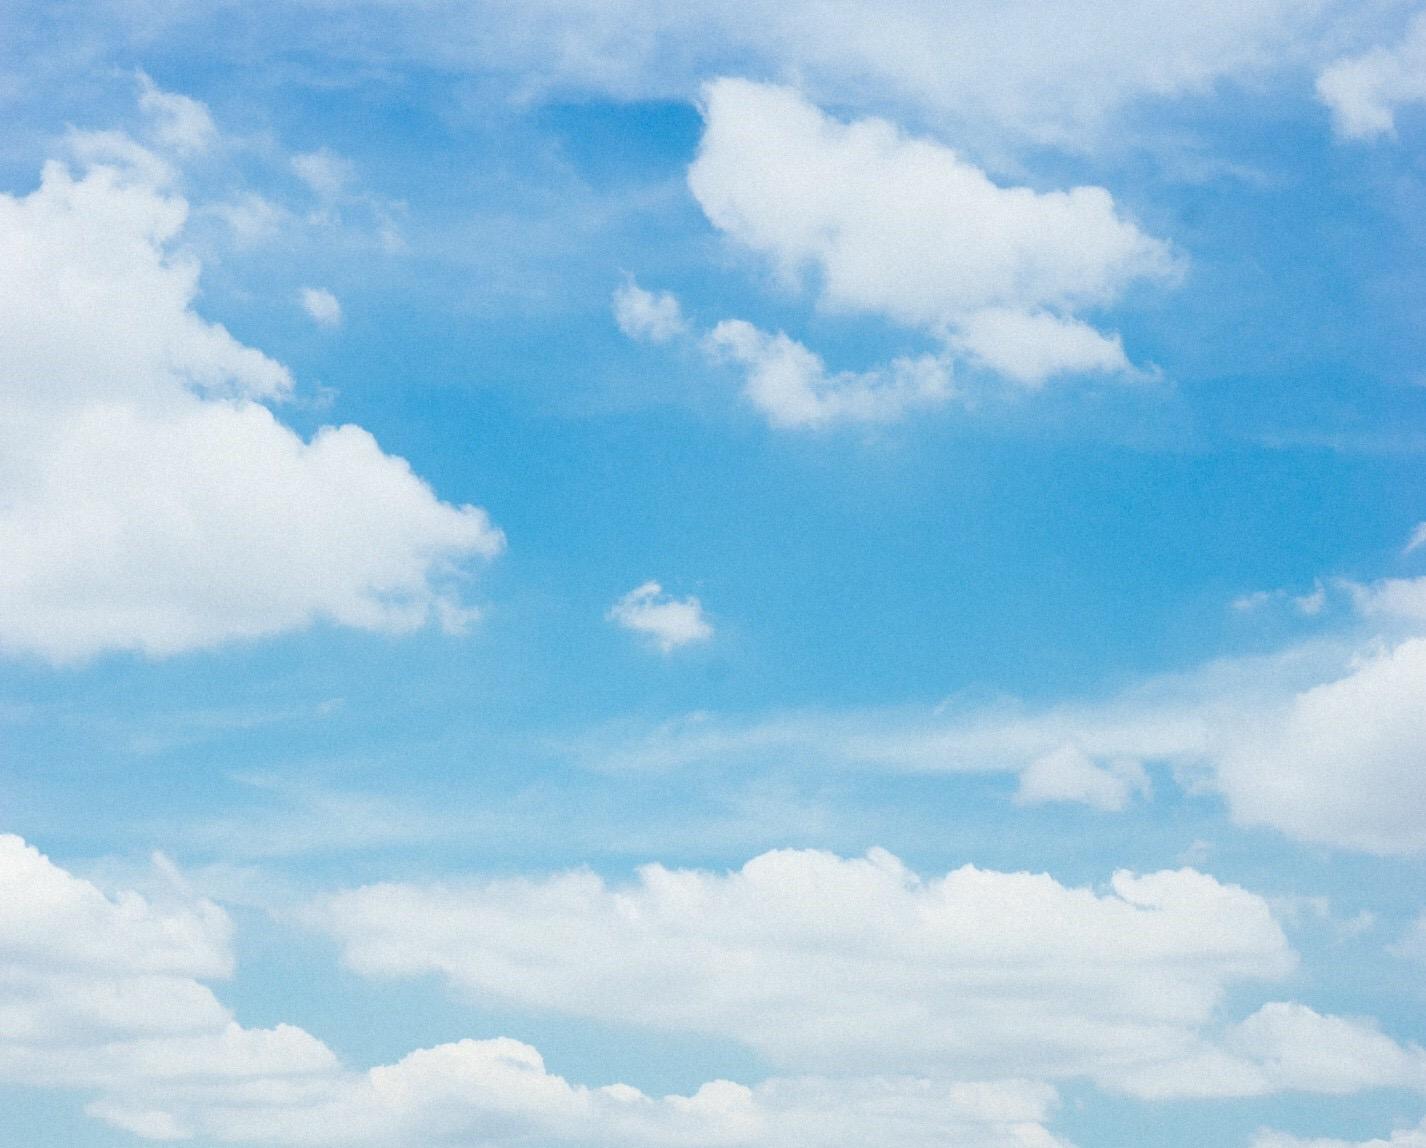 yaunnのブランドイメージは、幾重にも重なる雲:八雲